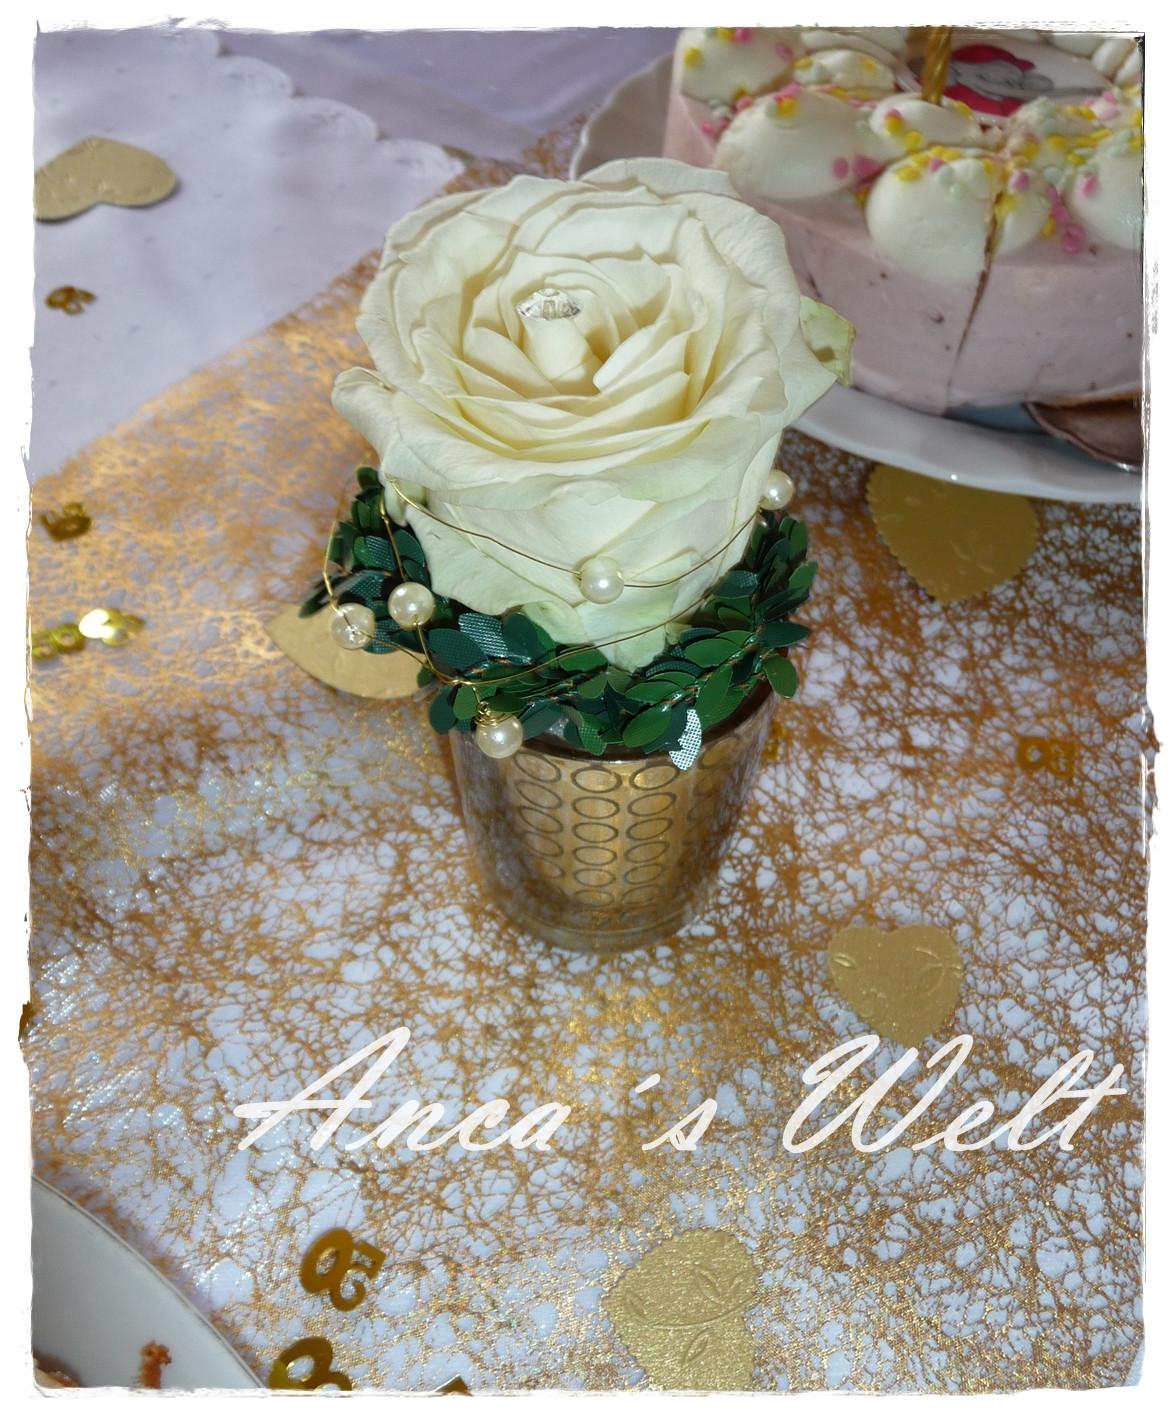 Deko Goldene Hochzeit  Anca´s Welt Goldene Hochzeit Karte Deko & Co